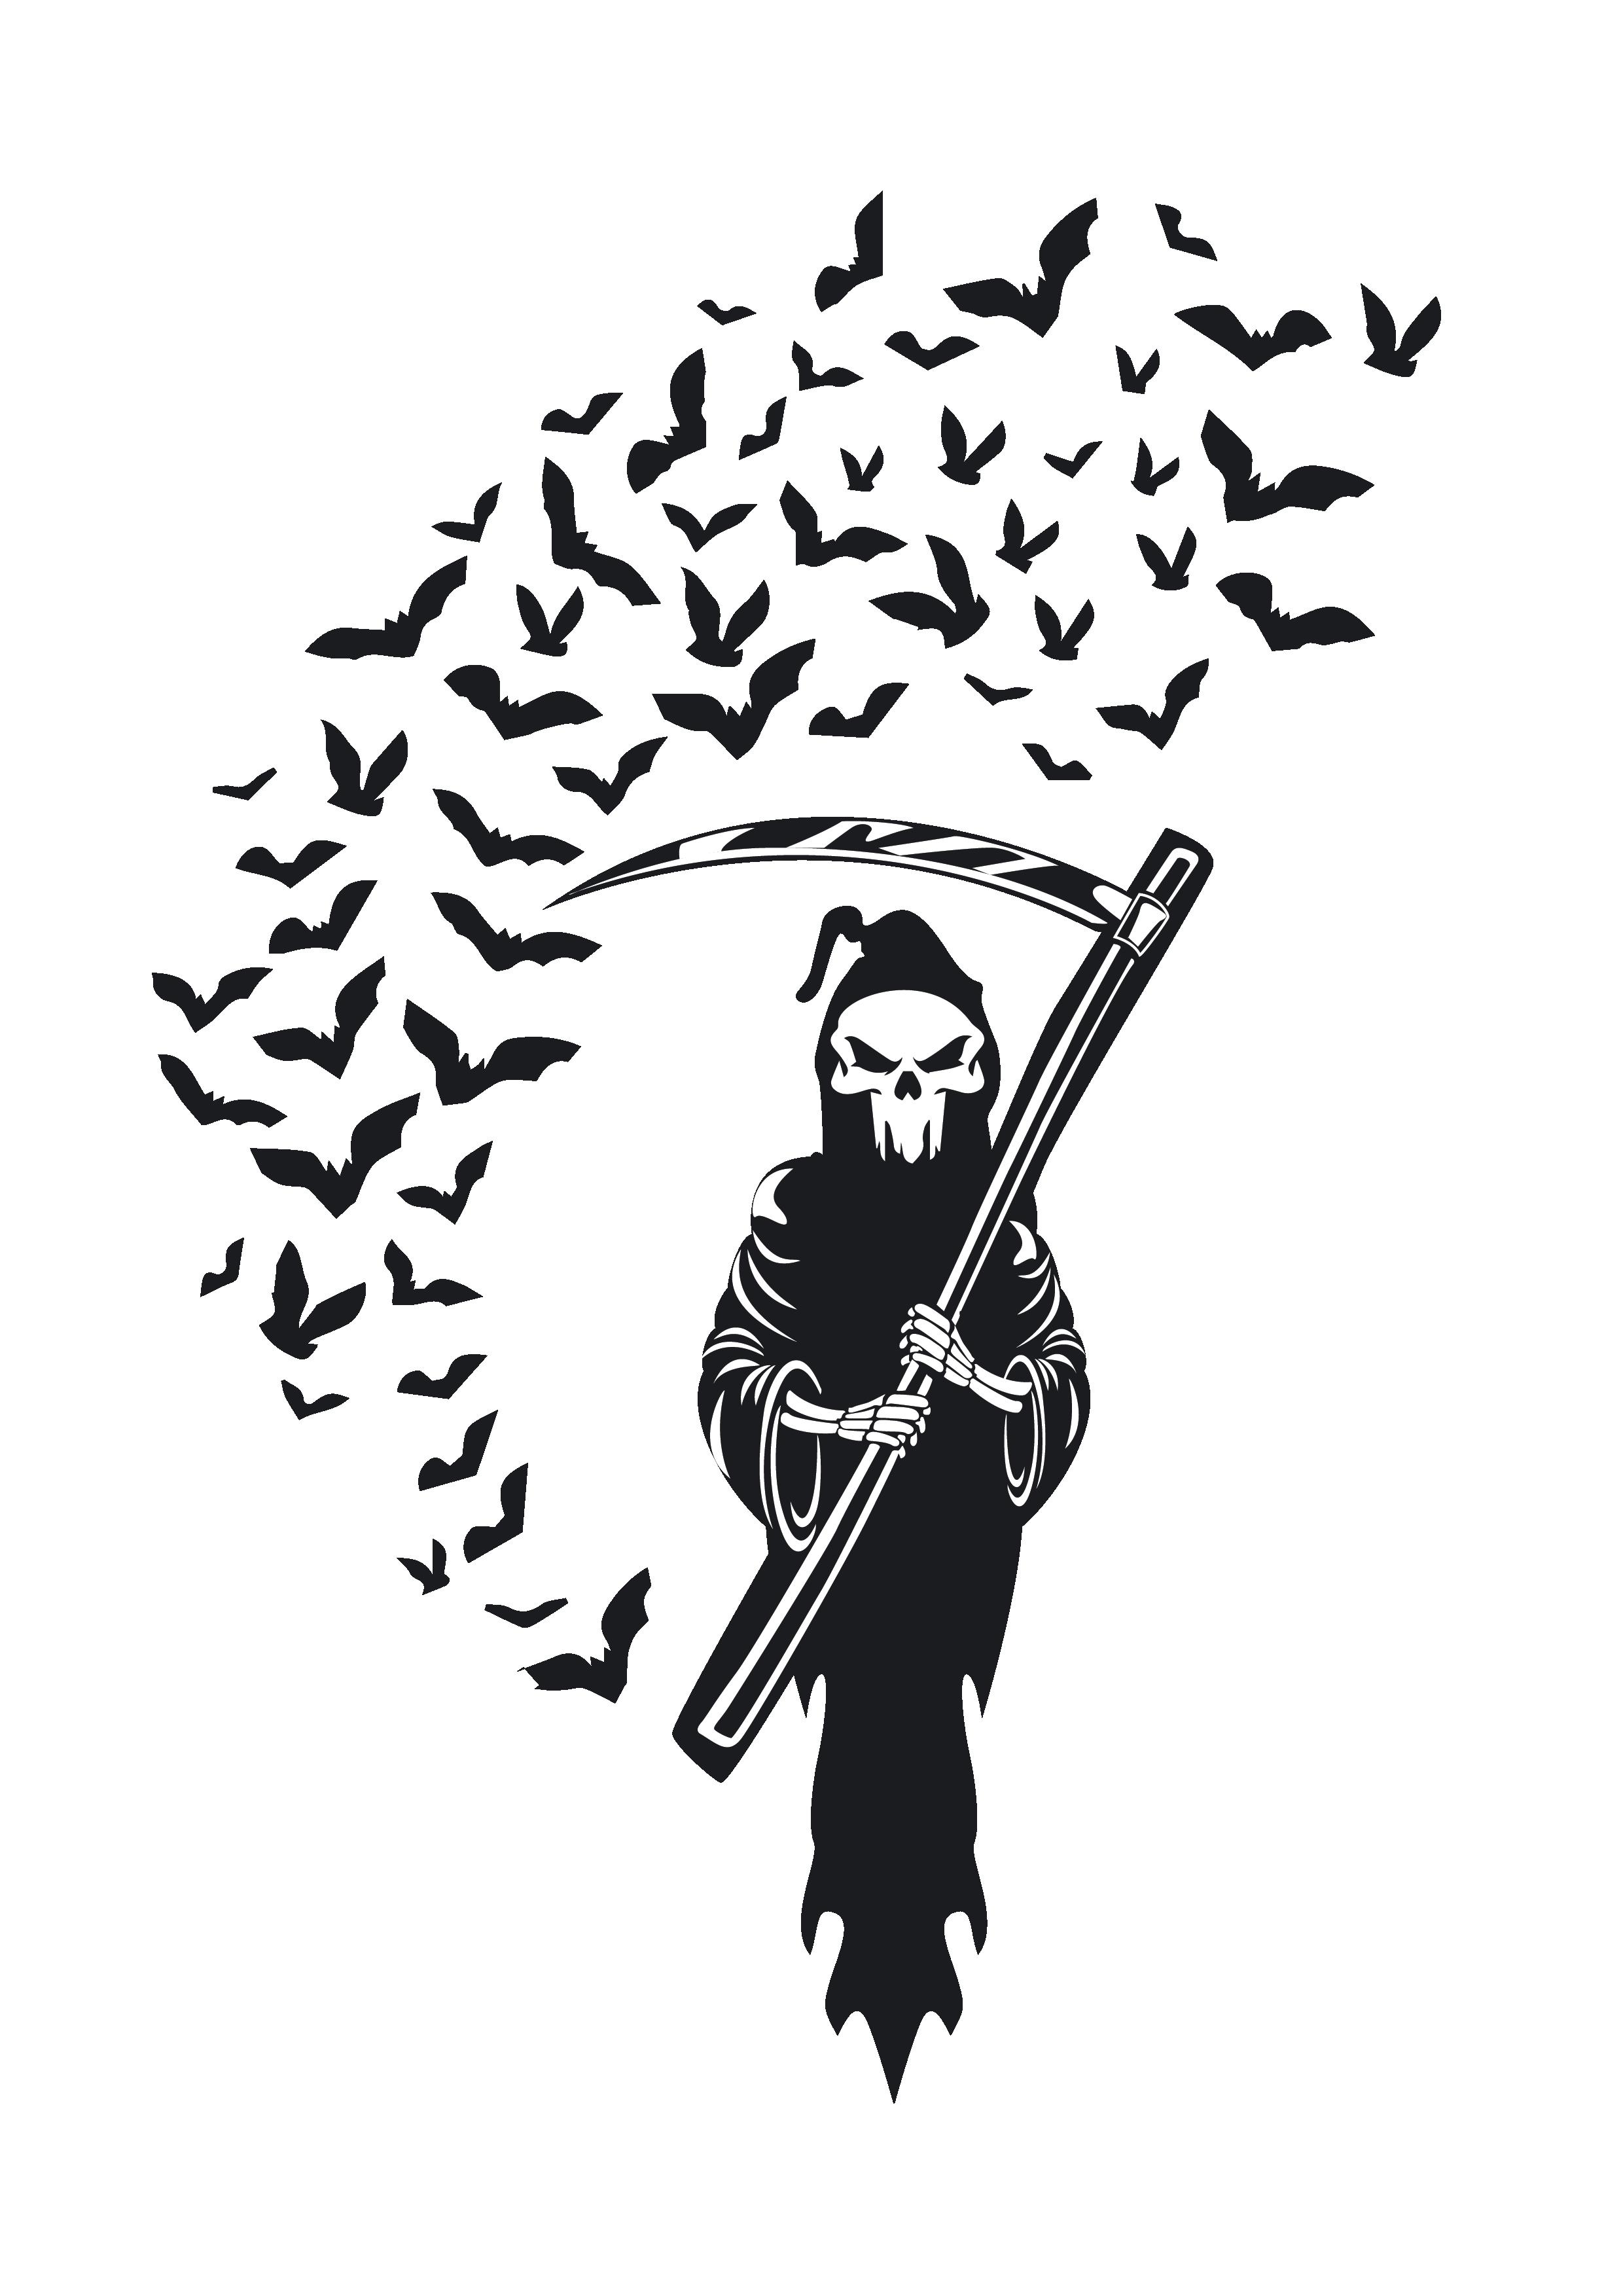 Bat Swarm And Skull Bat Swarm Skull Vector Bat Swarm Skull Clipart Svg Eps Dxf Clip Art